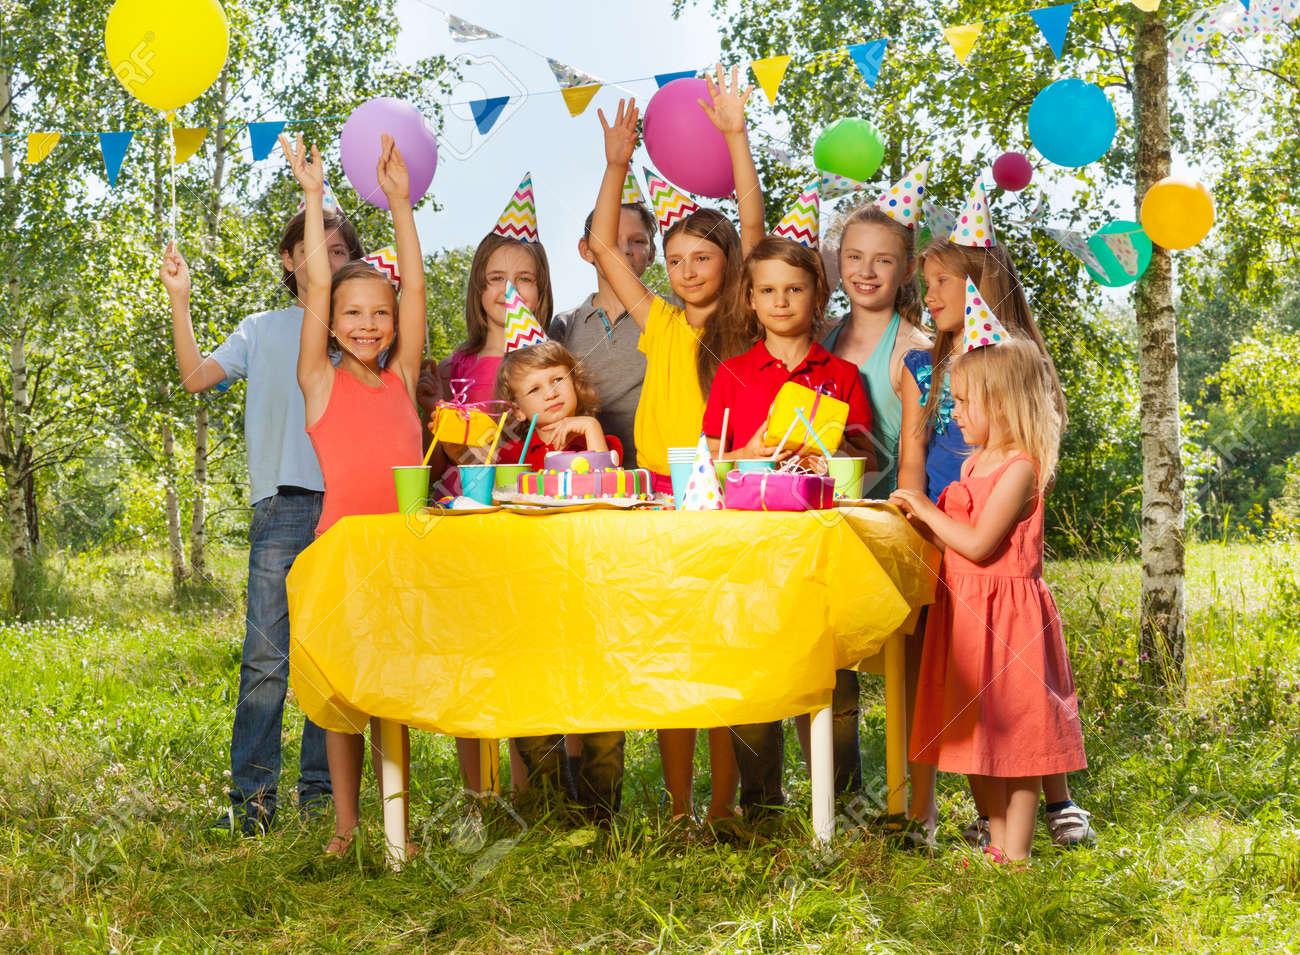 Tavolo Compleanno Bambina : Gruppo di bambini felici età diversa in piedi accanto al tavolo con